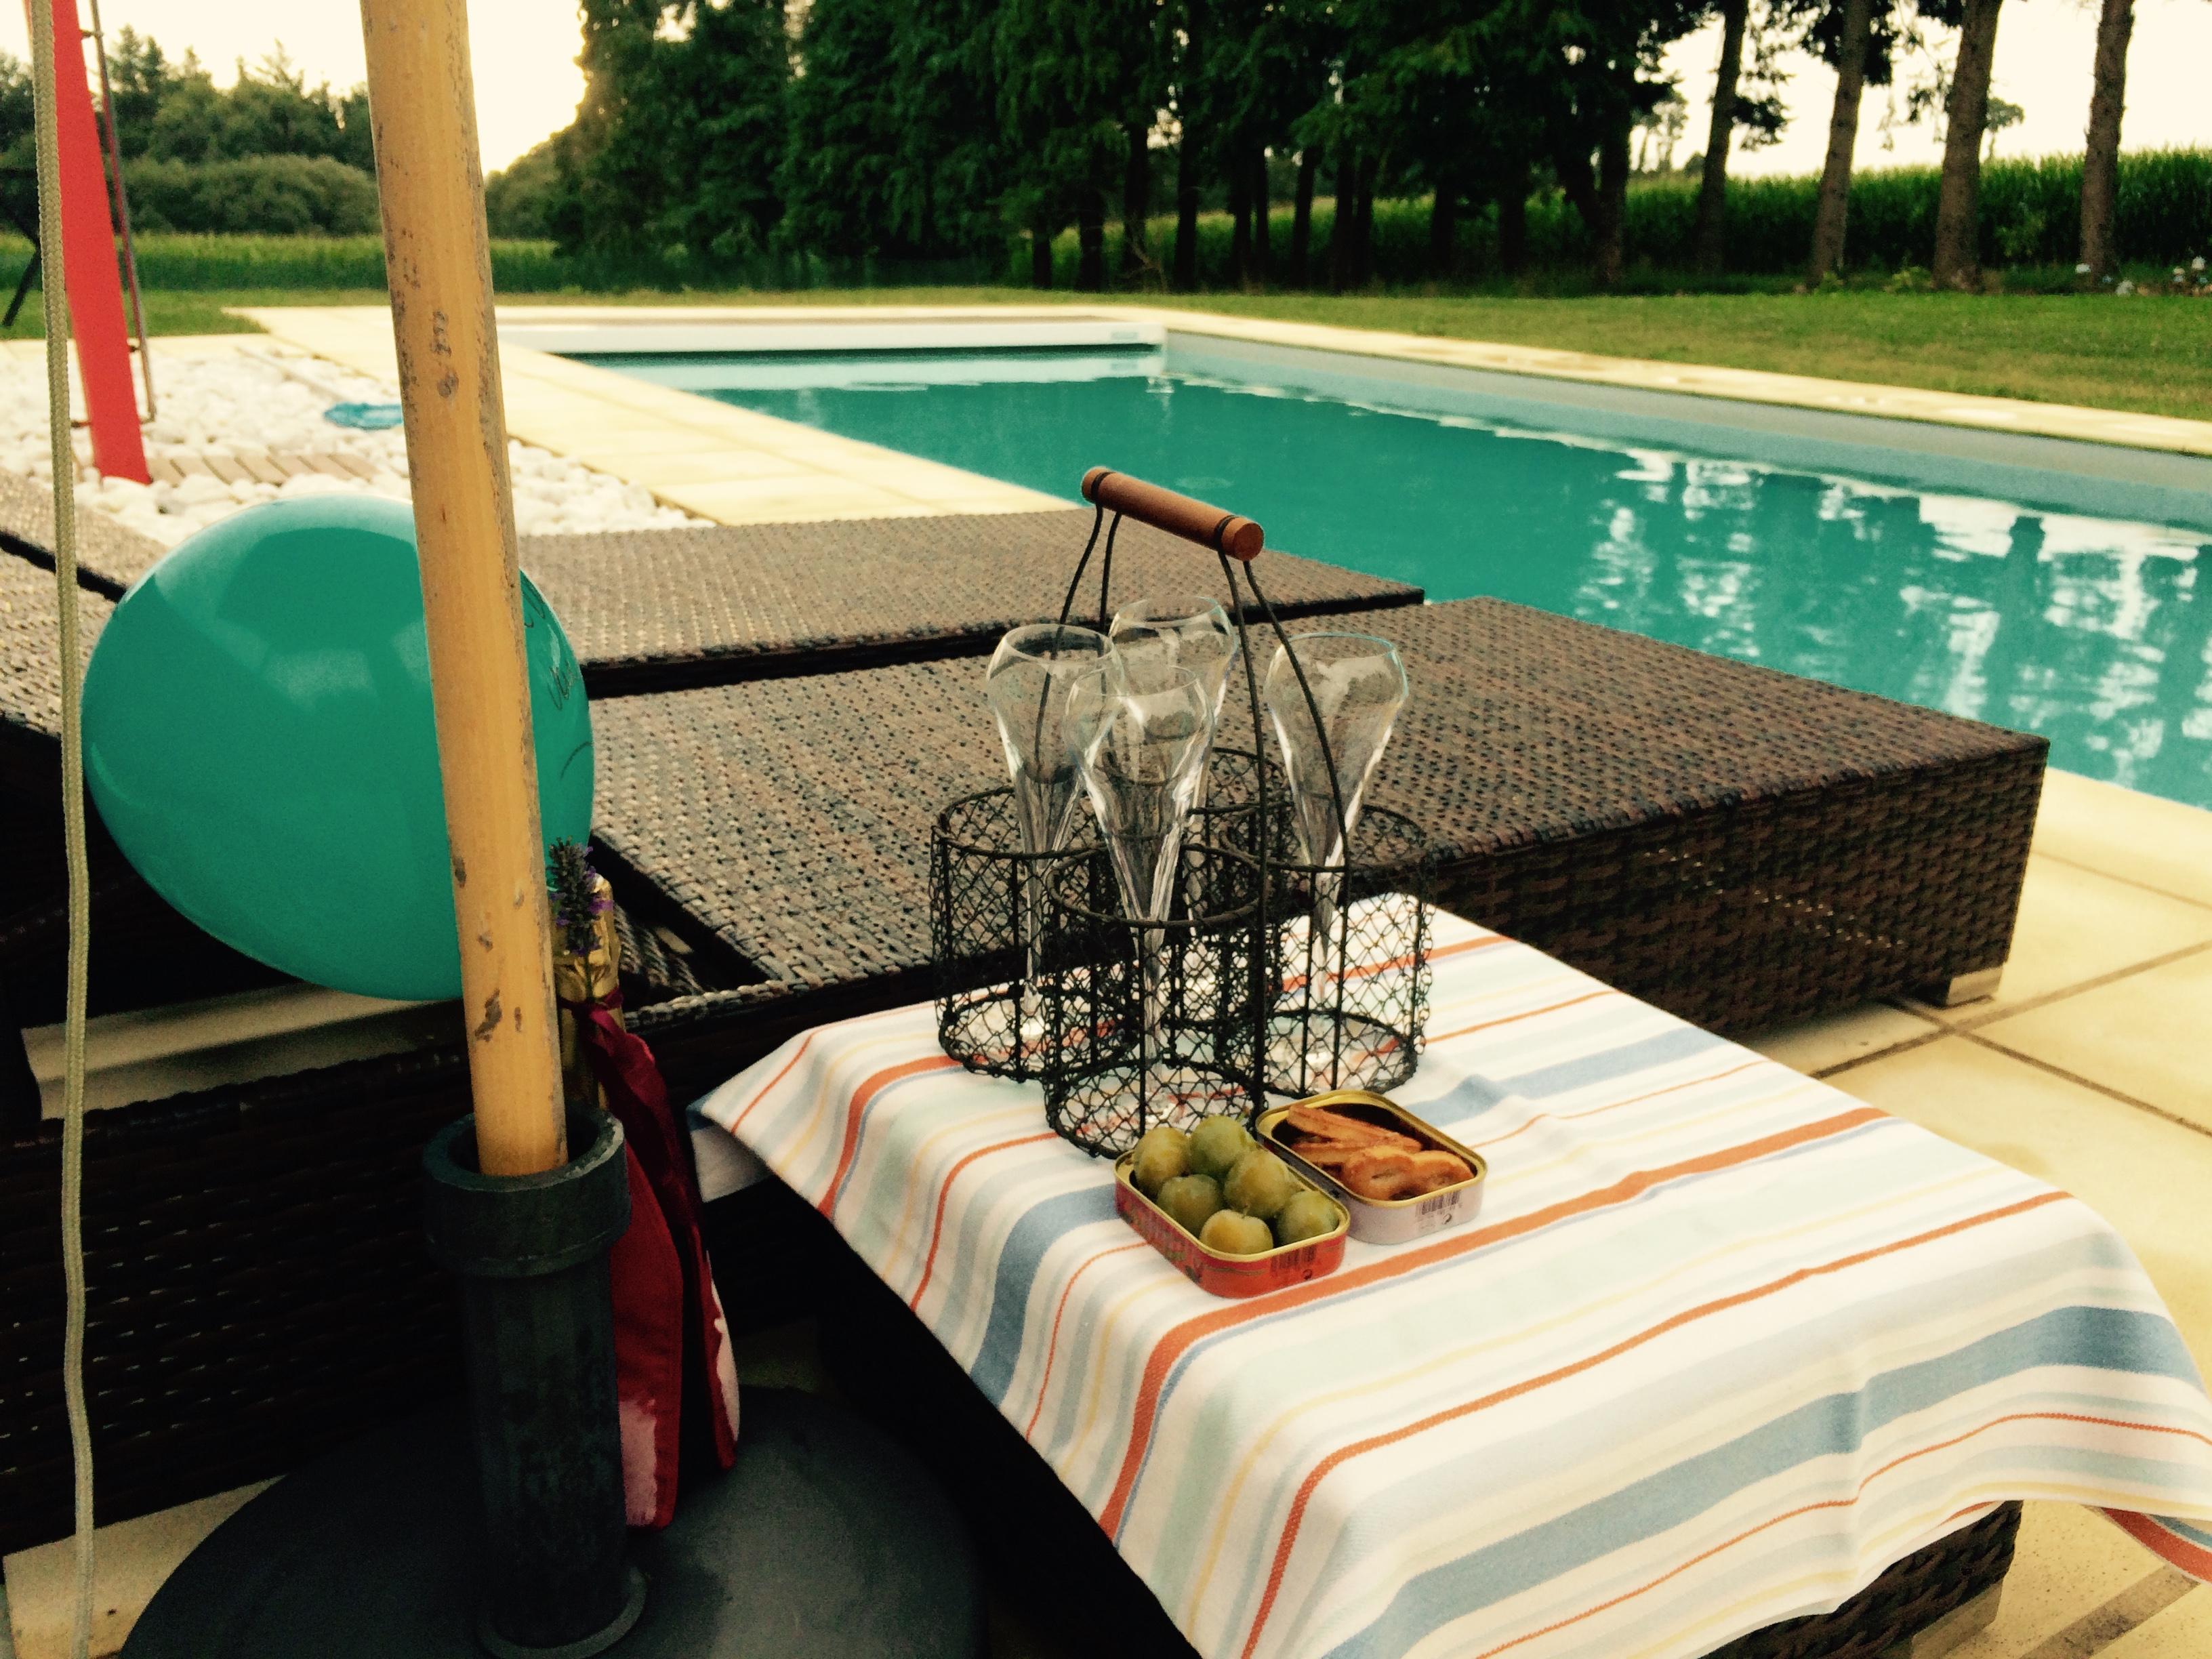 Zo begon de dag voor onze jarige gasten : met een glaasje feestelijke bubbels aan het zwembad, gevolgd door een stevig ontbijt. Proficiat D&W ! Happy birthday to 2 of our guests ! Bonne idée de venir fêter votre anniversaire chez nous :). We bereiden nu het diner voor vanavond voor waar de gasten weer heerlijk van gaan smullen. Culinaire groeten vanuit Bretagne. Anouck & Joris  www.lamaisonblancheauxvoletsbleus.com